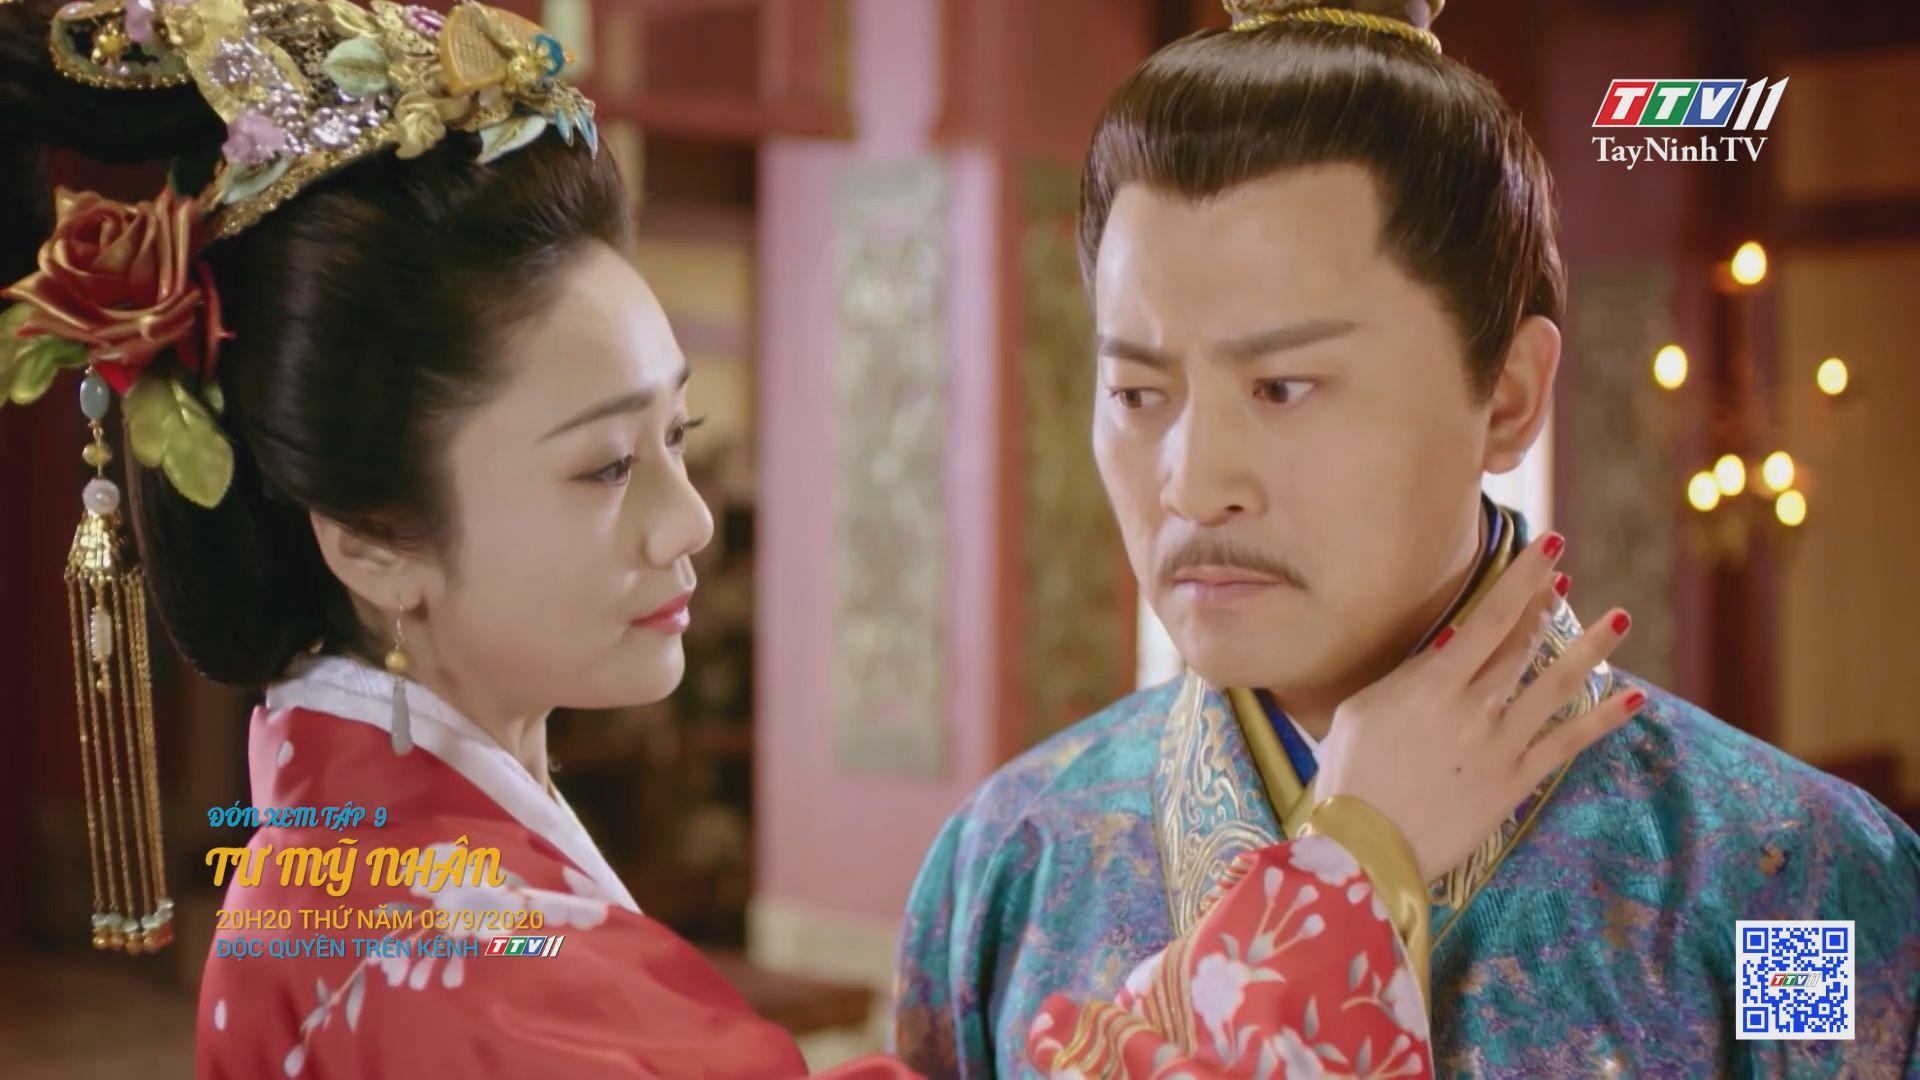 Tư mỹ nhân-TẬP 9 trailer | PHIM TƯ MỸ NHÂN | TayNinhTV